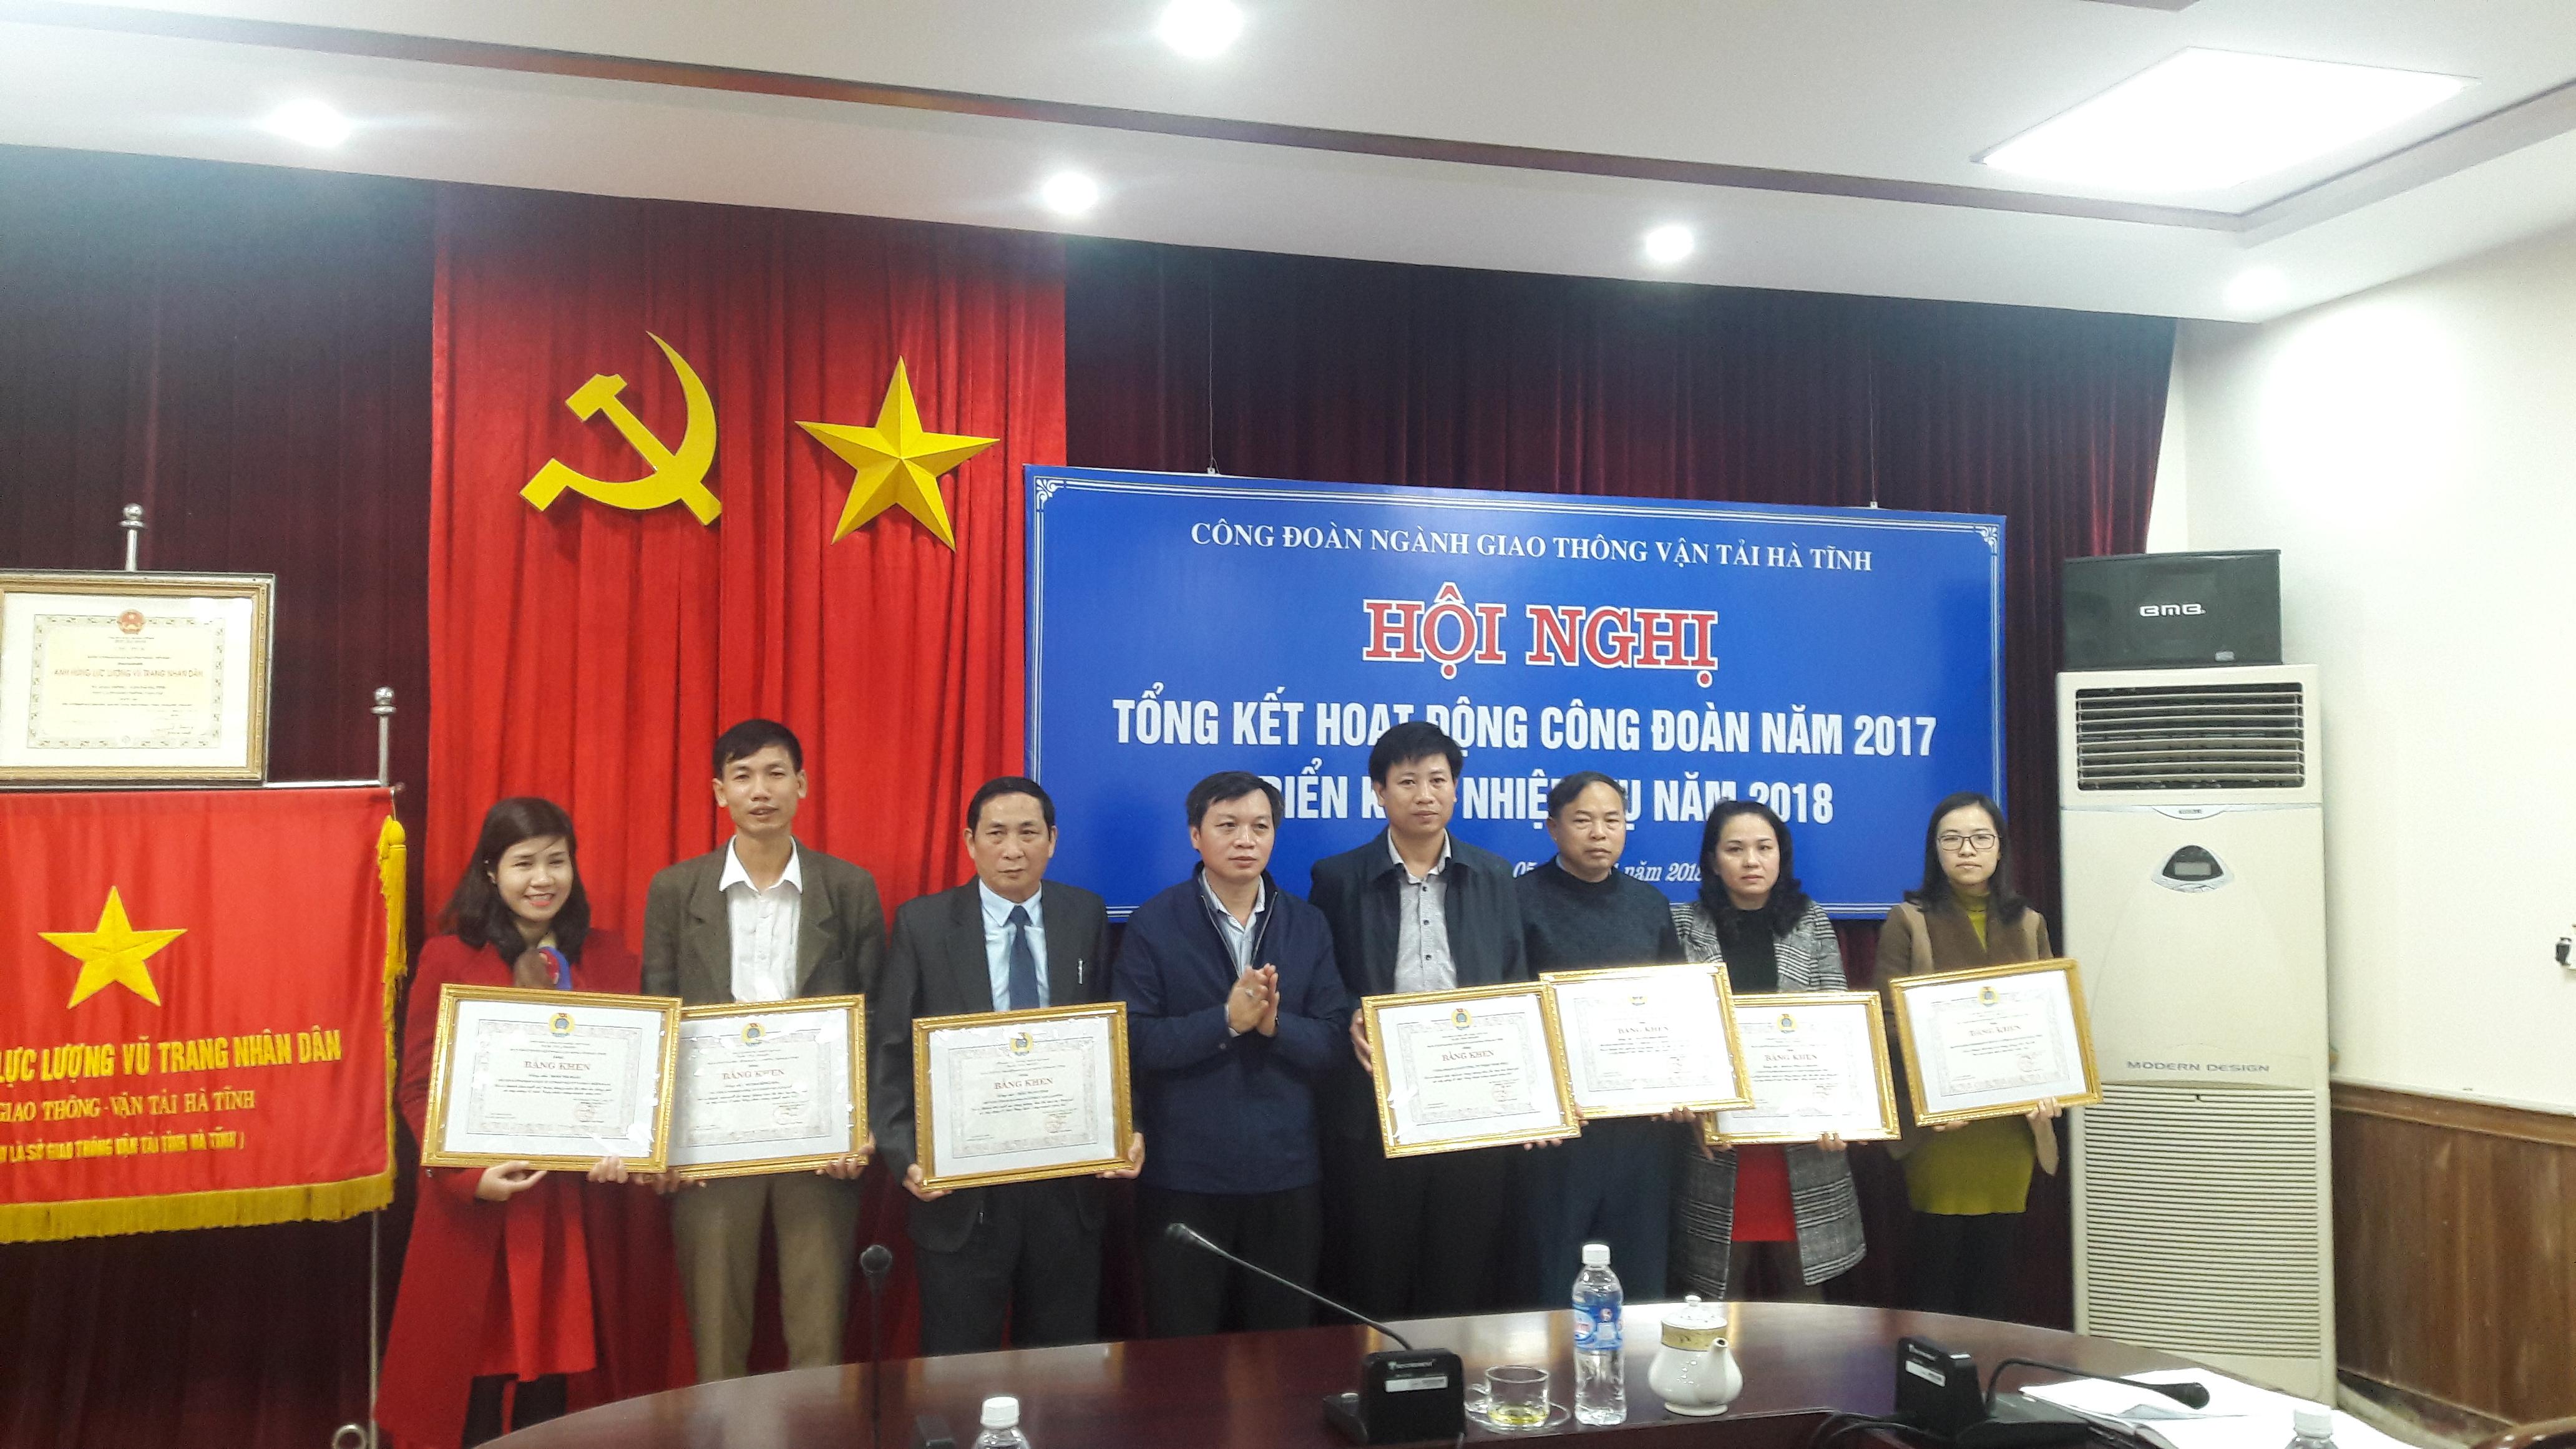 CĐ ngành GTVT tổng kết hoạt động năm 2017